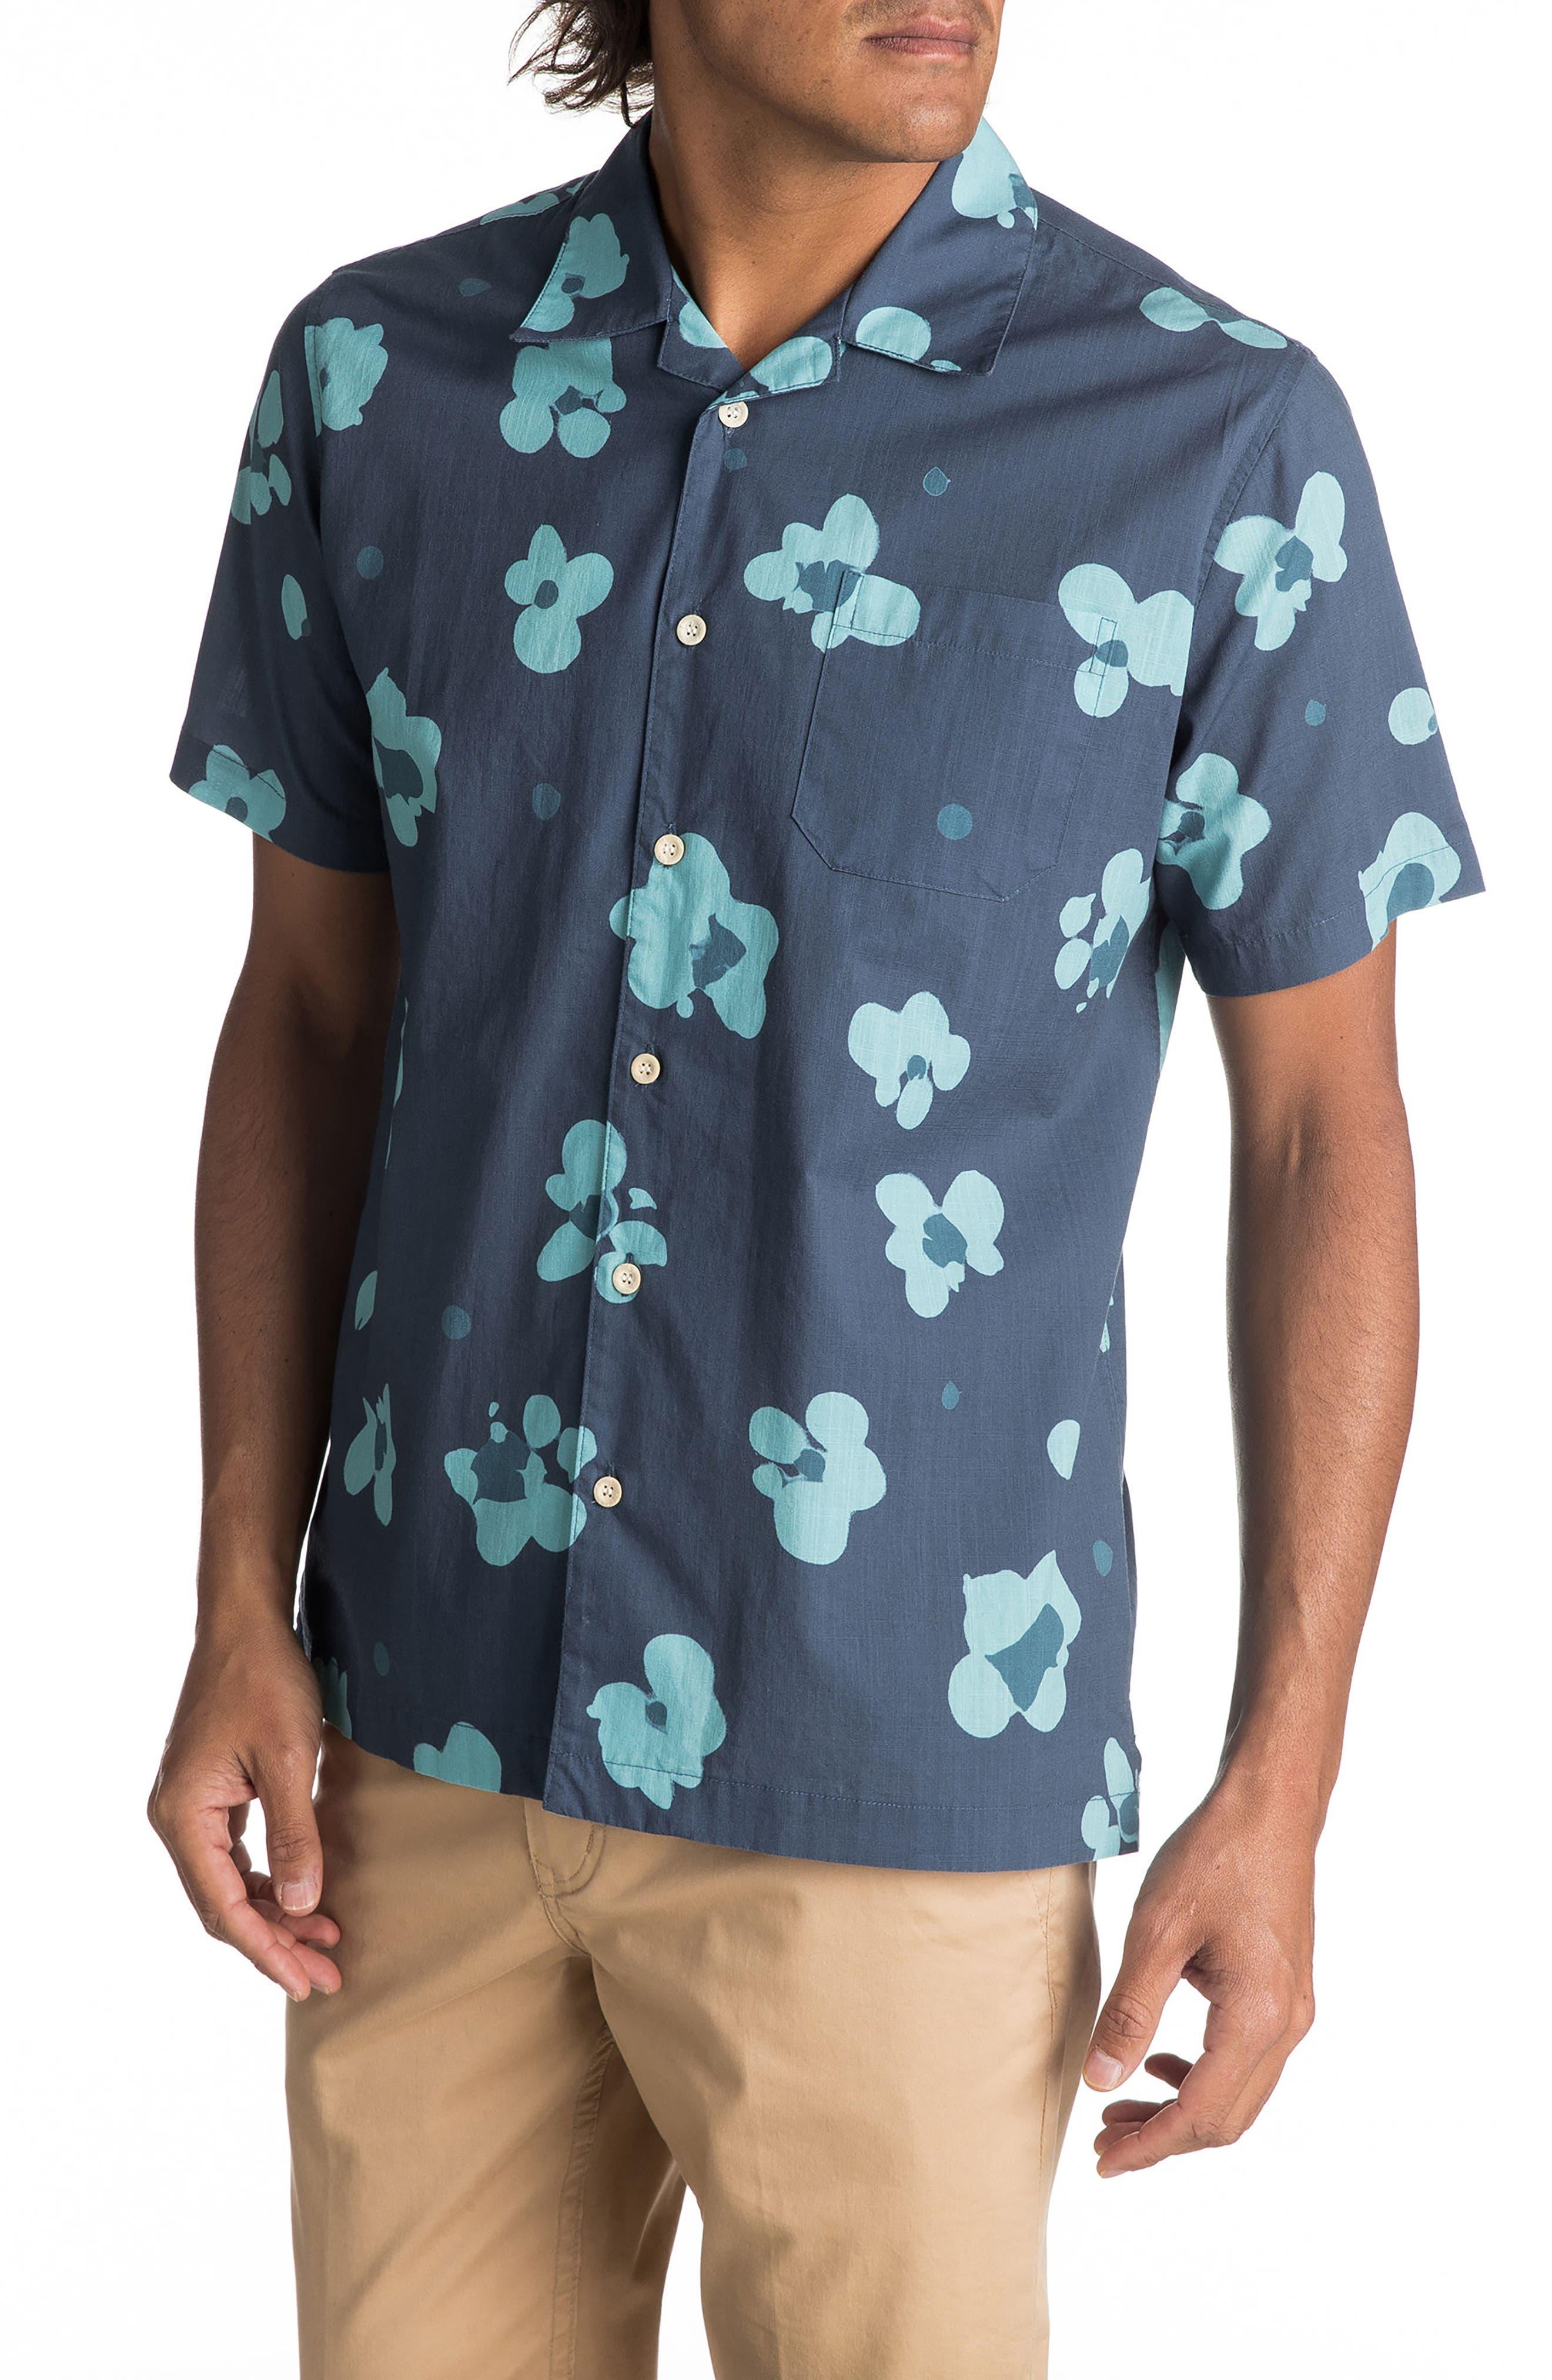 Waterfloral Camp Shirt,                             Main thumbnail 1, color,                             430